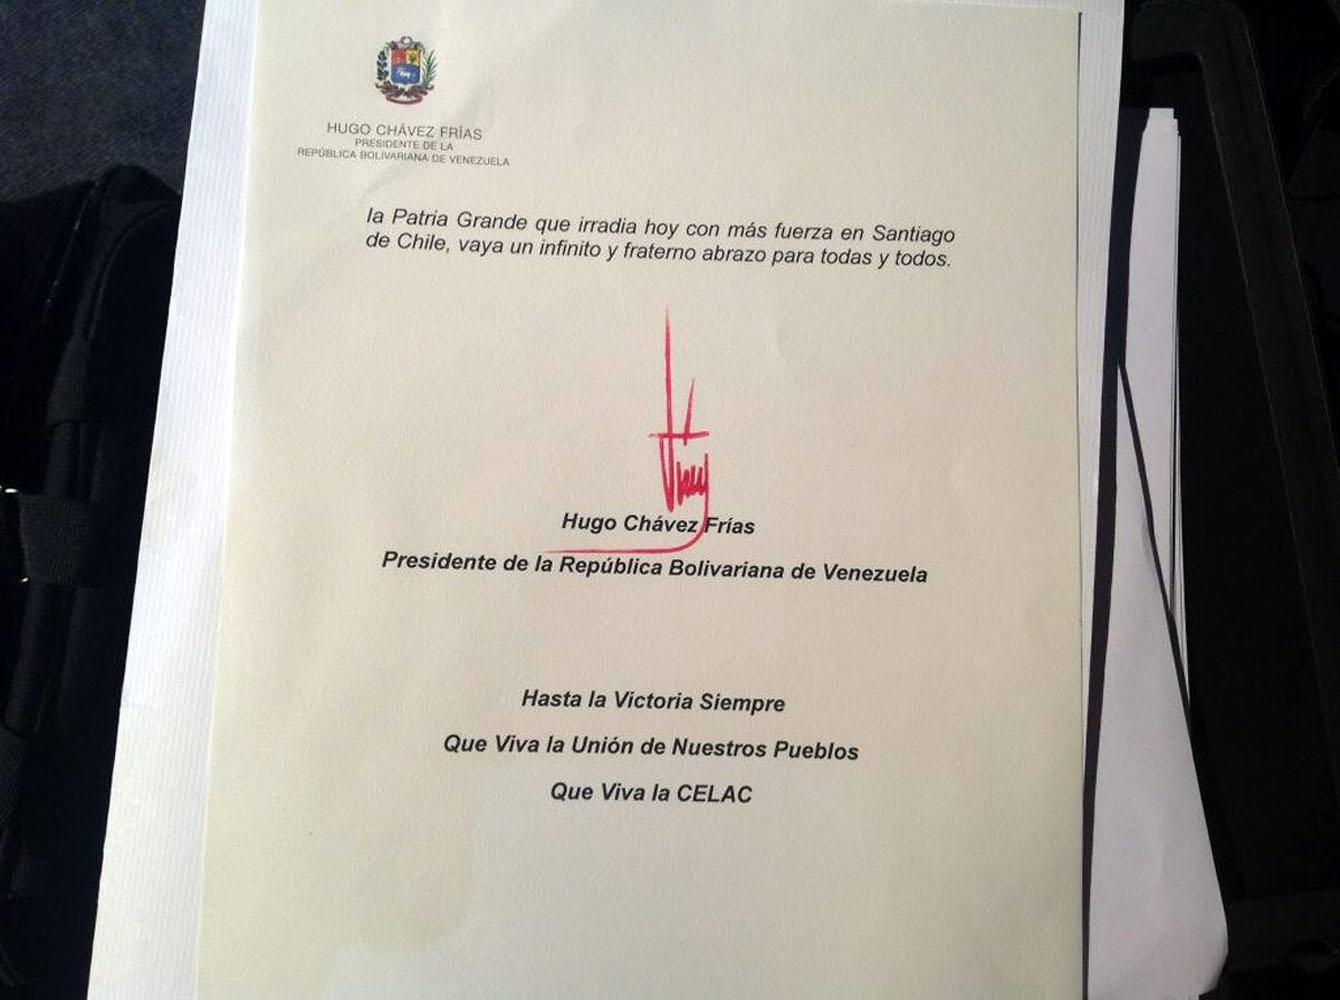 MADURO LEE CARTA DE CHÁVEZ EN LA ÚLTIMA JORNADA DE LA CUMBRE DE LA CELAC